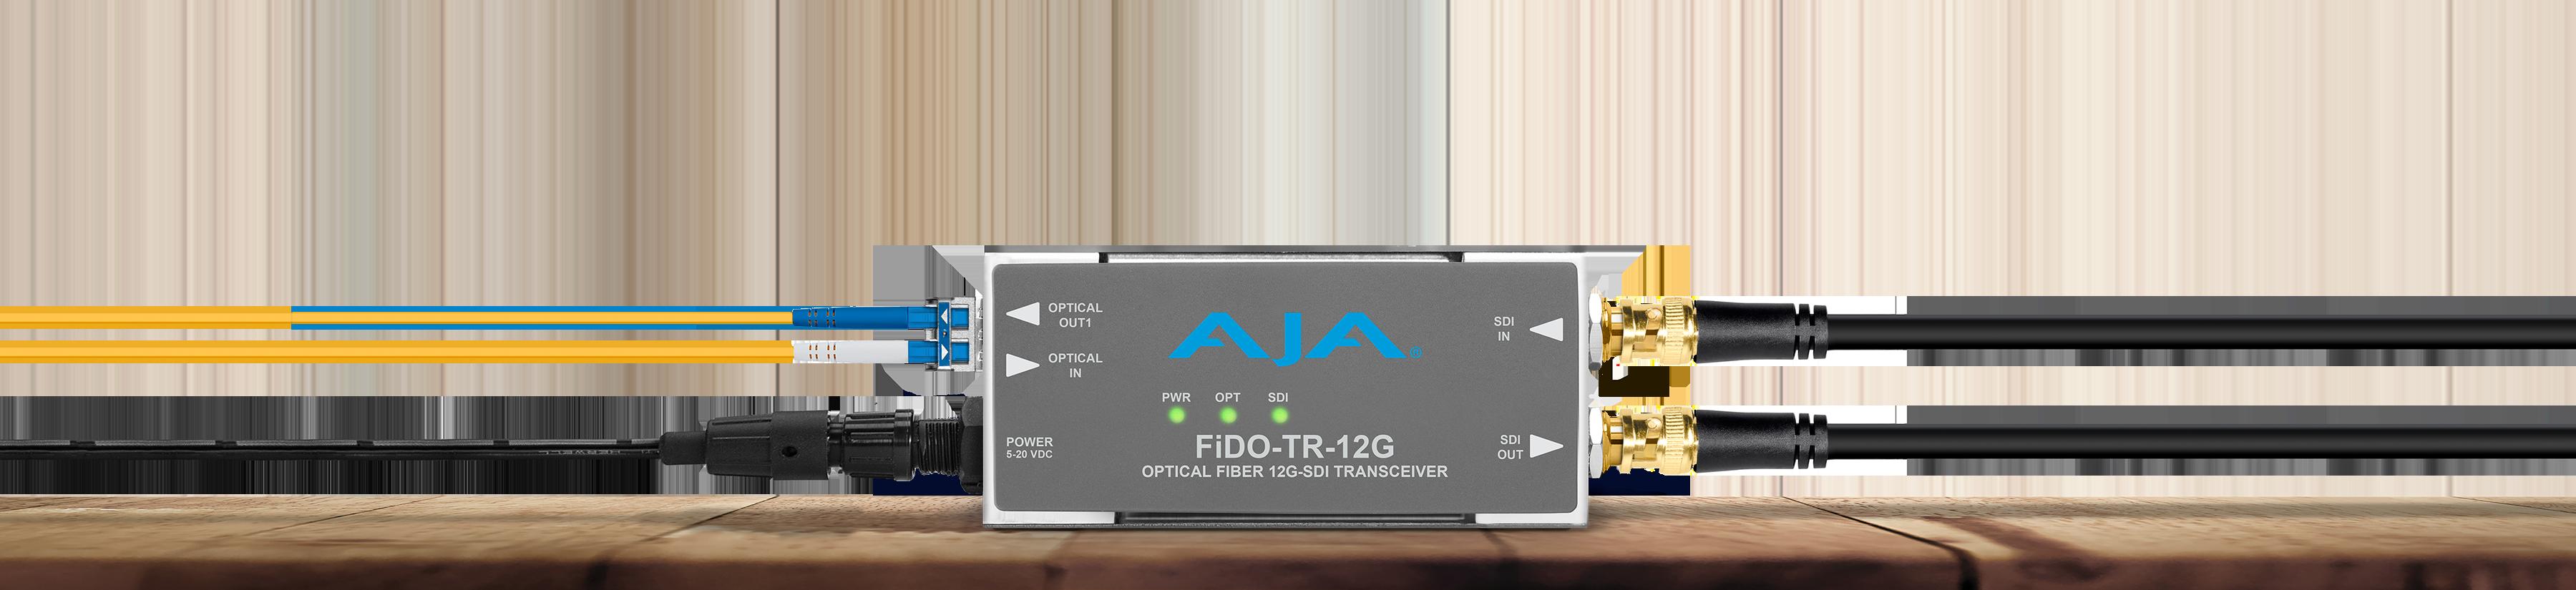 FiDO-TR-12G